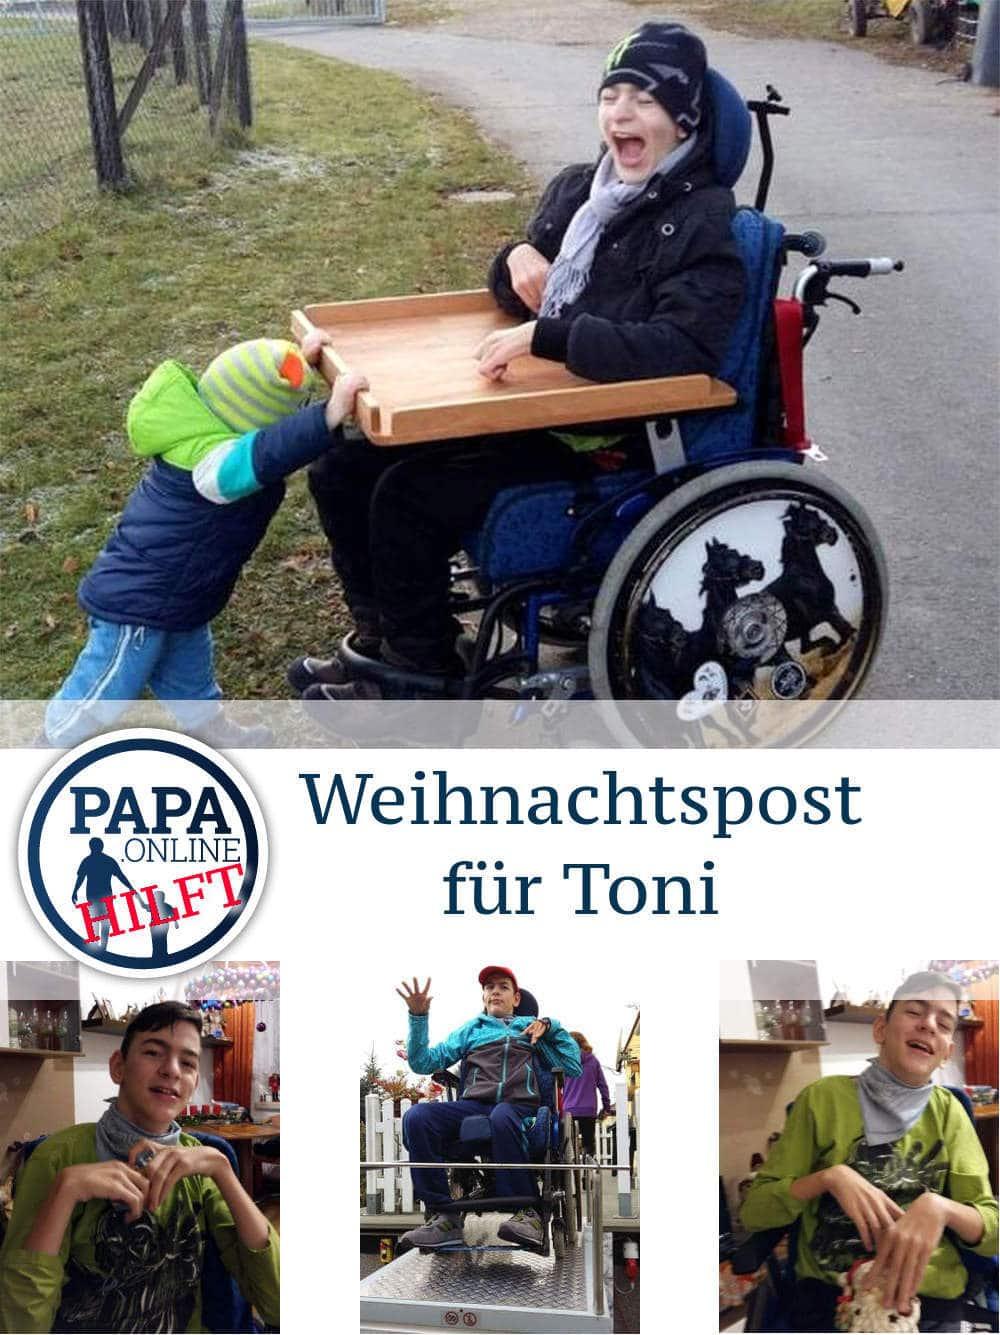 Bild papa.de hilft Toni - Weihnachtskarten für den 14-Jährigen